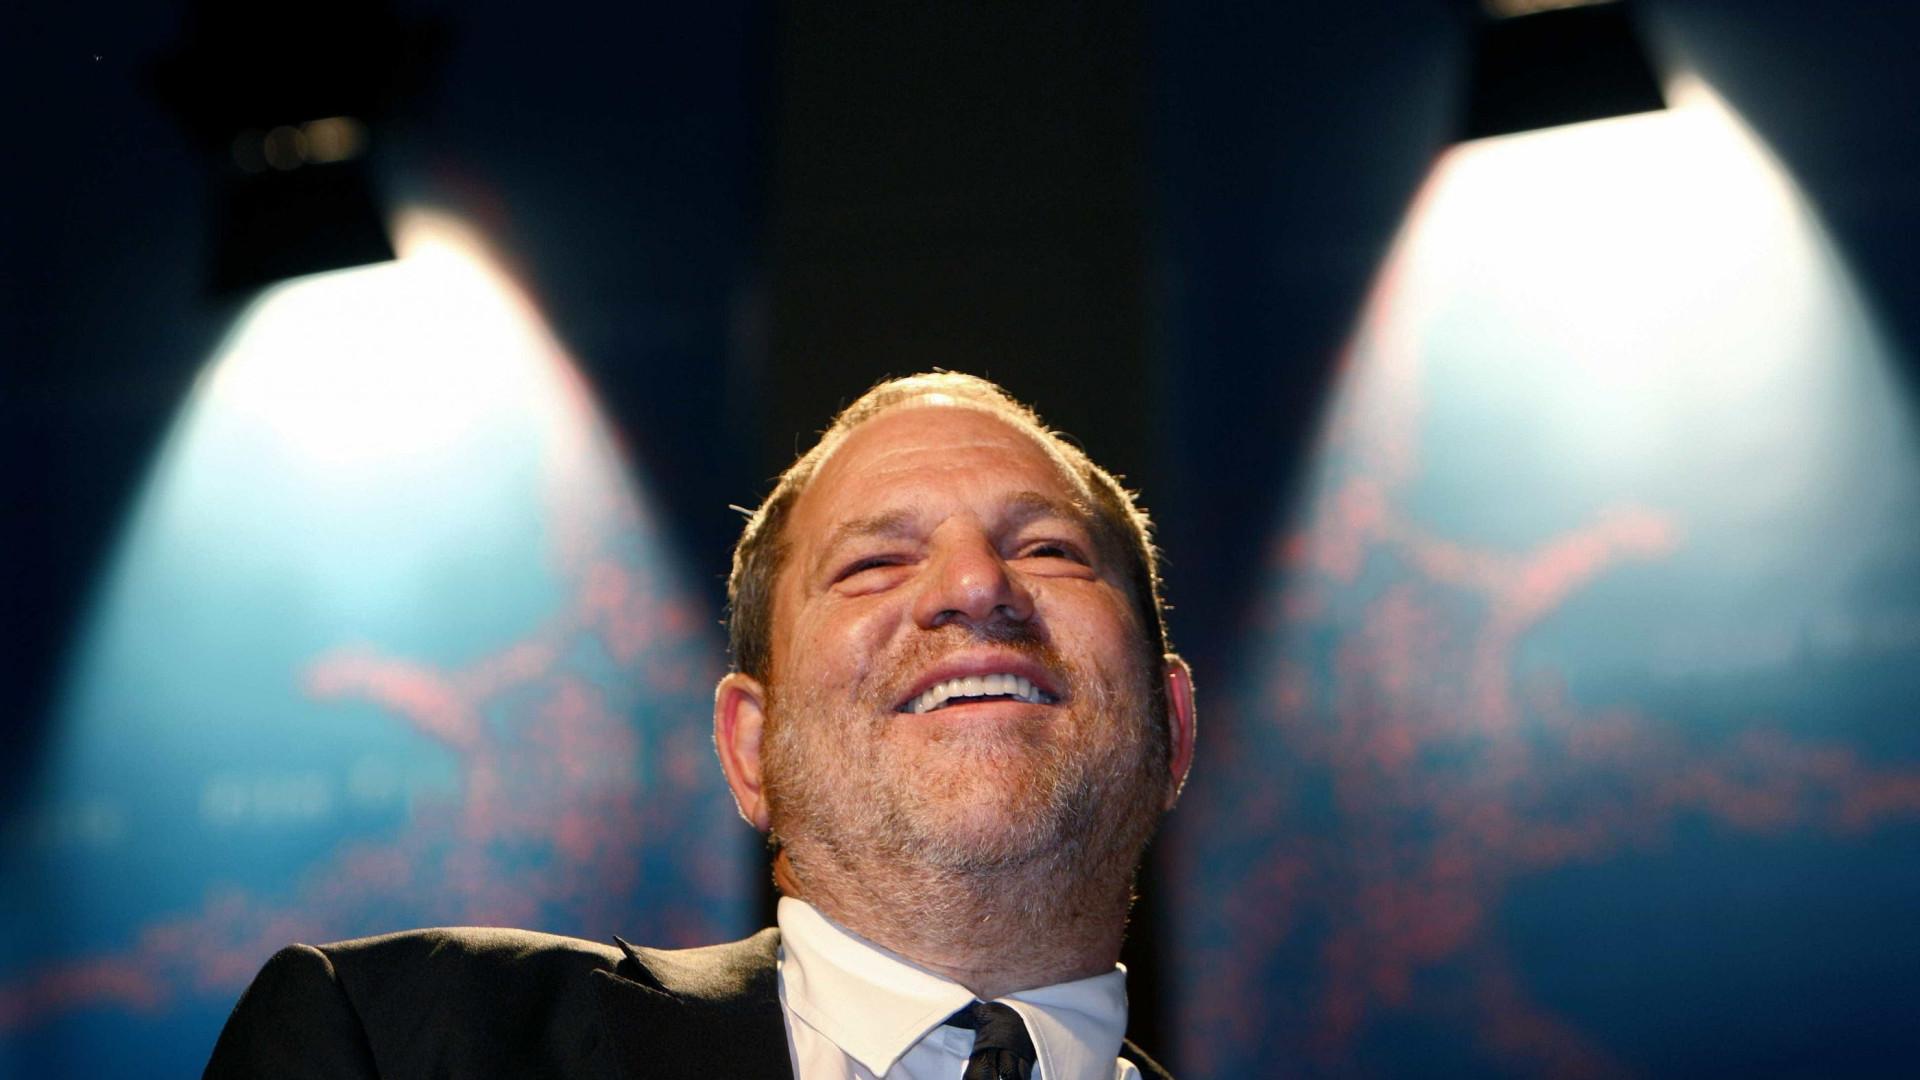 Vídeo mostra Harvey Weinstein a assediar mulher horas antes de violação